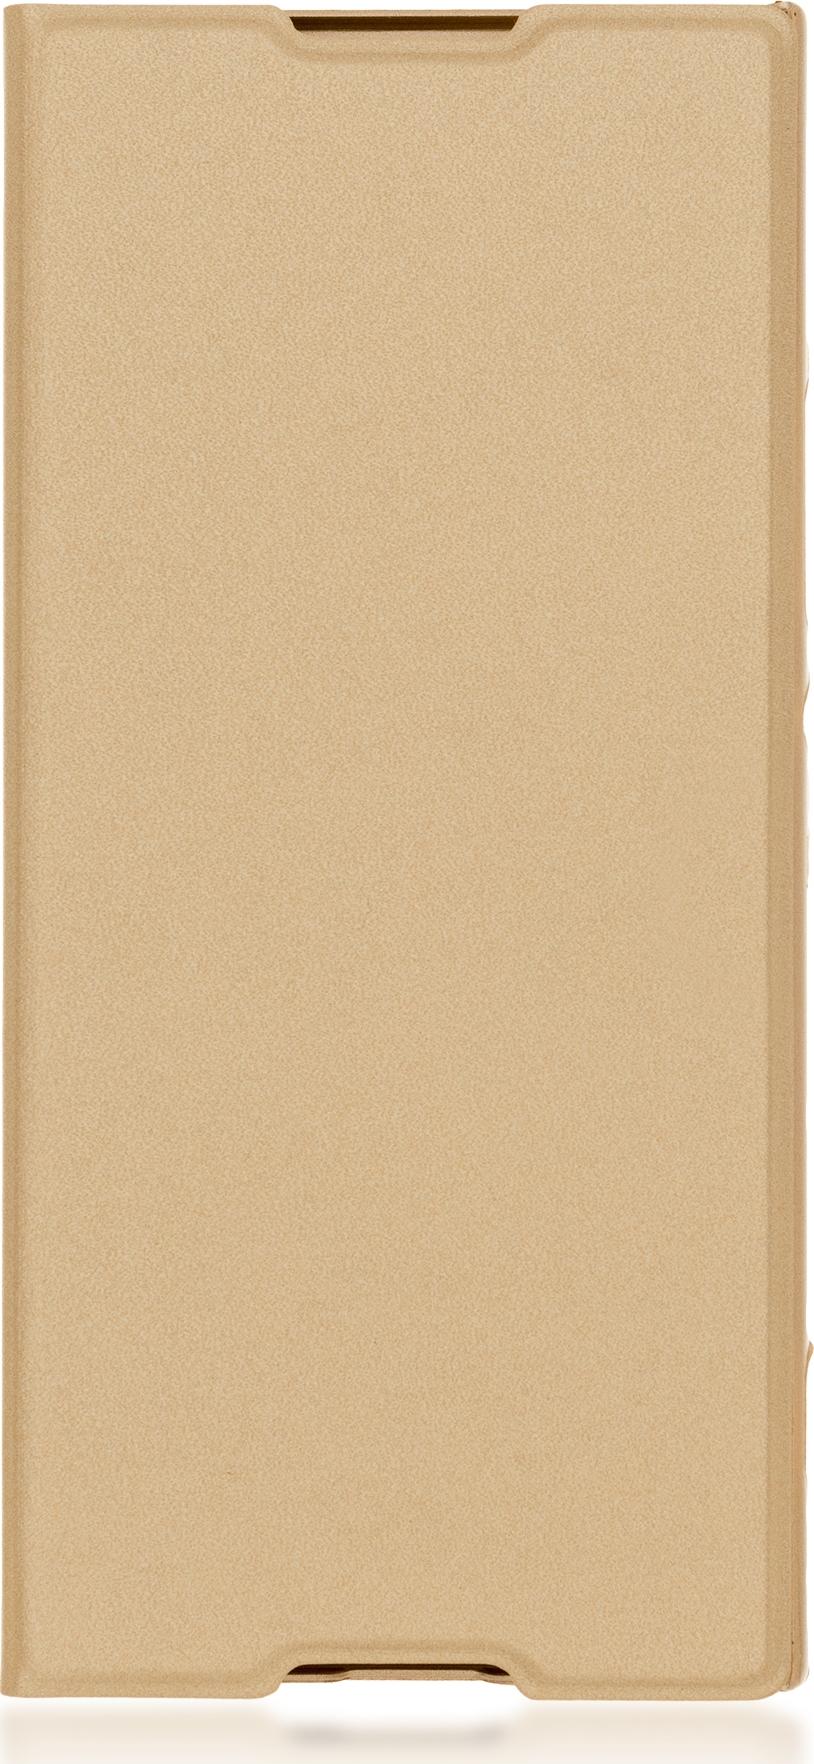 Чехол Brosco Book для Sony Xperia XA1, золотой чехол для sony g3412 xperia xa1 plus sony flip cover scsg70 белый